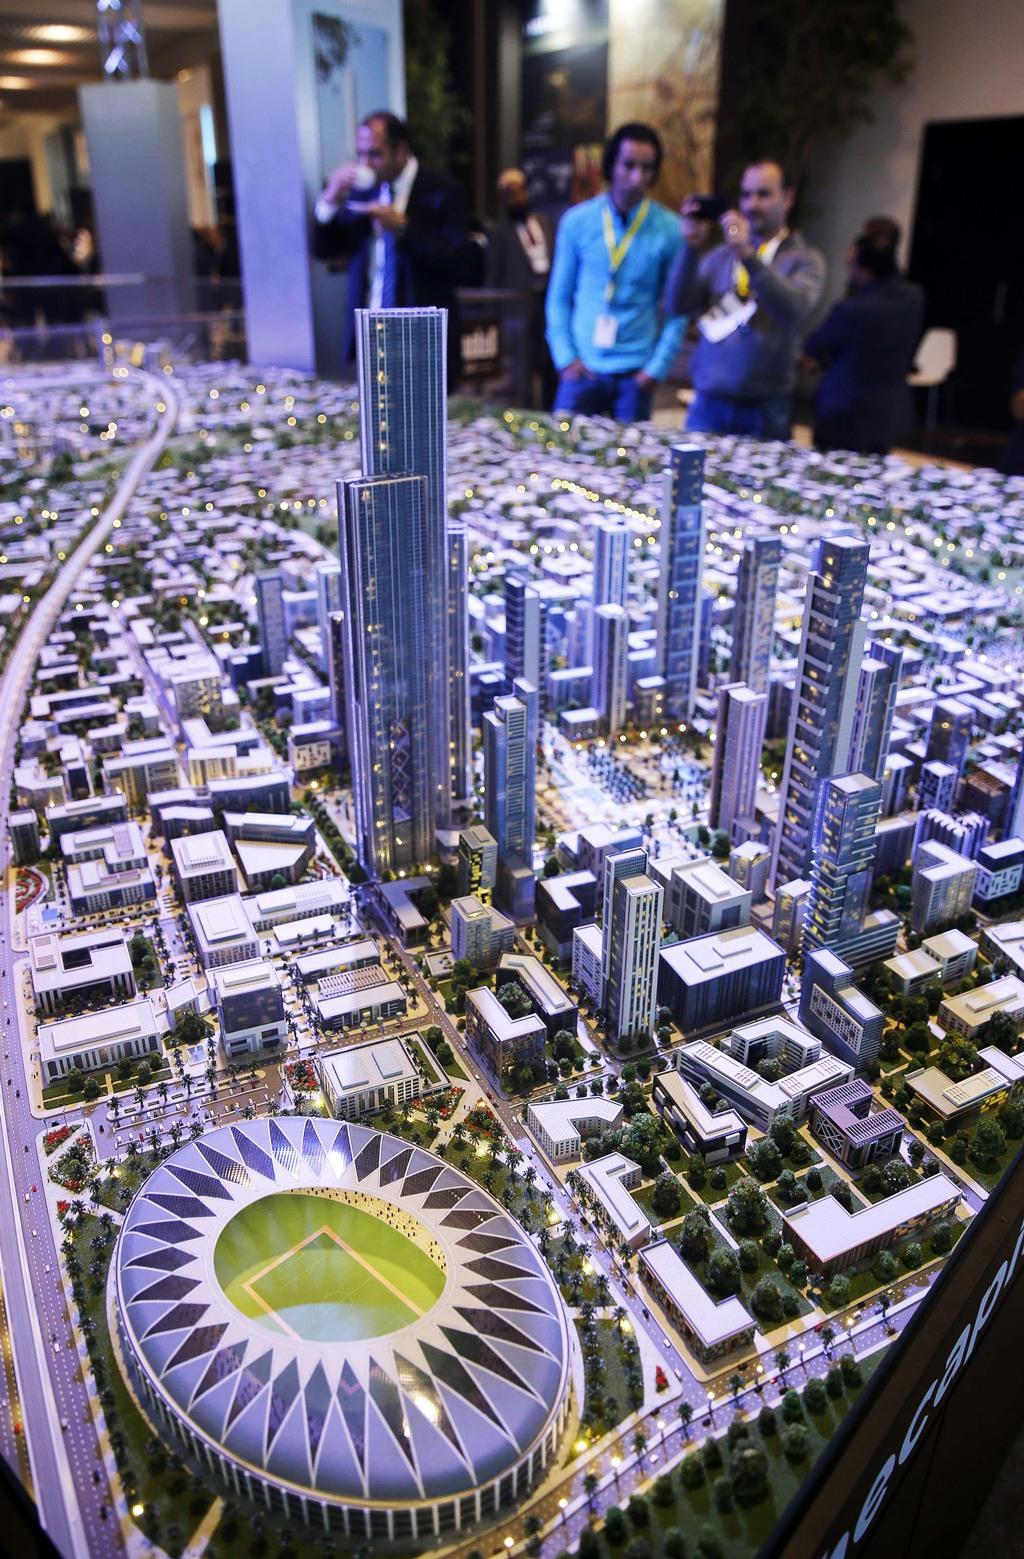 هذا نموذج للعاصمة الإدارية المصرية الجديدة، حيث تم الكشف عنه في عام 2015.صورة: Khaled Desouki/AFP/Getty Images